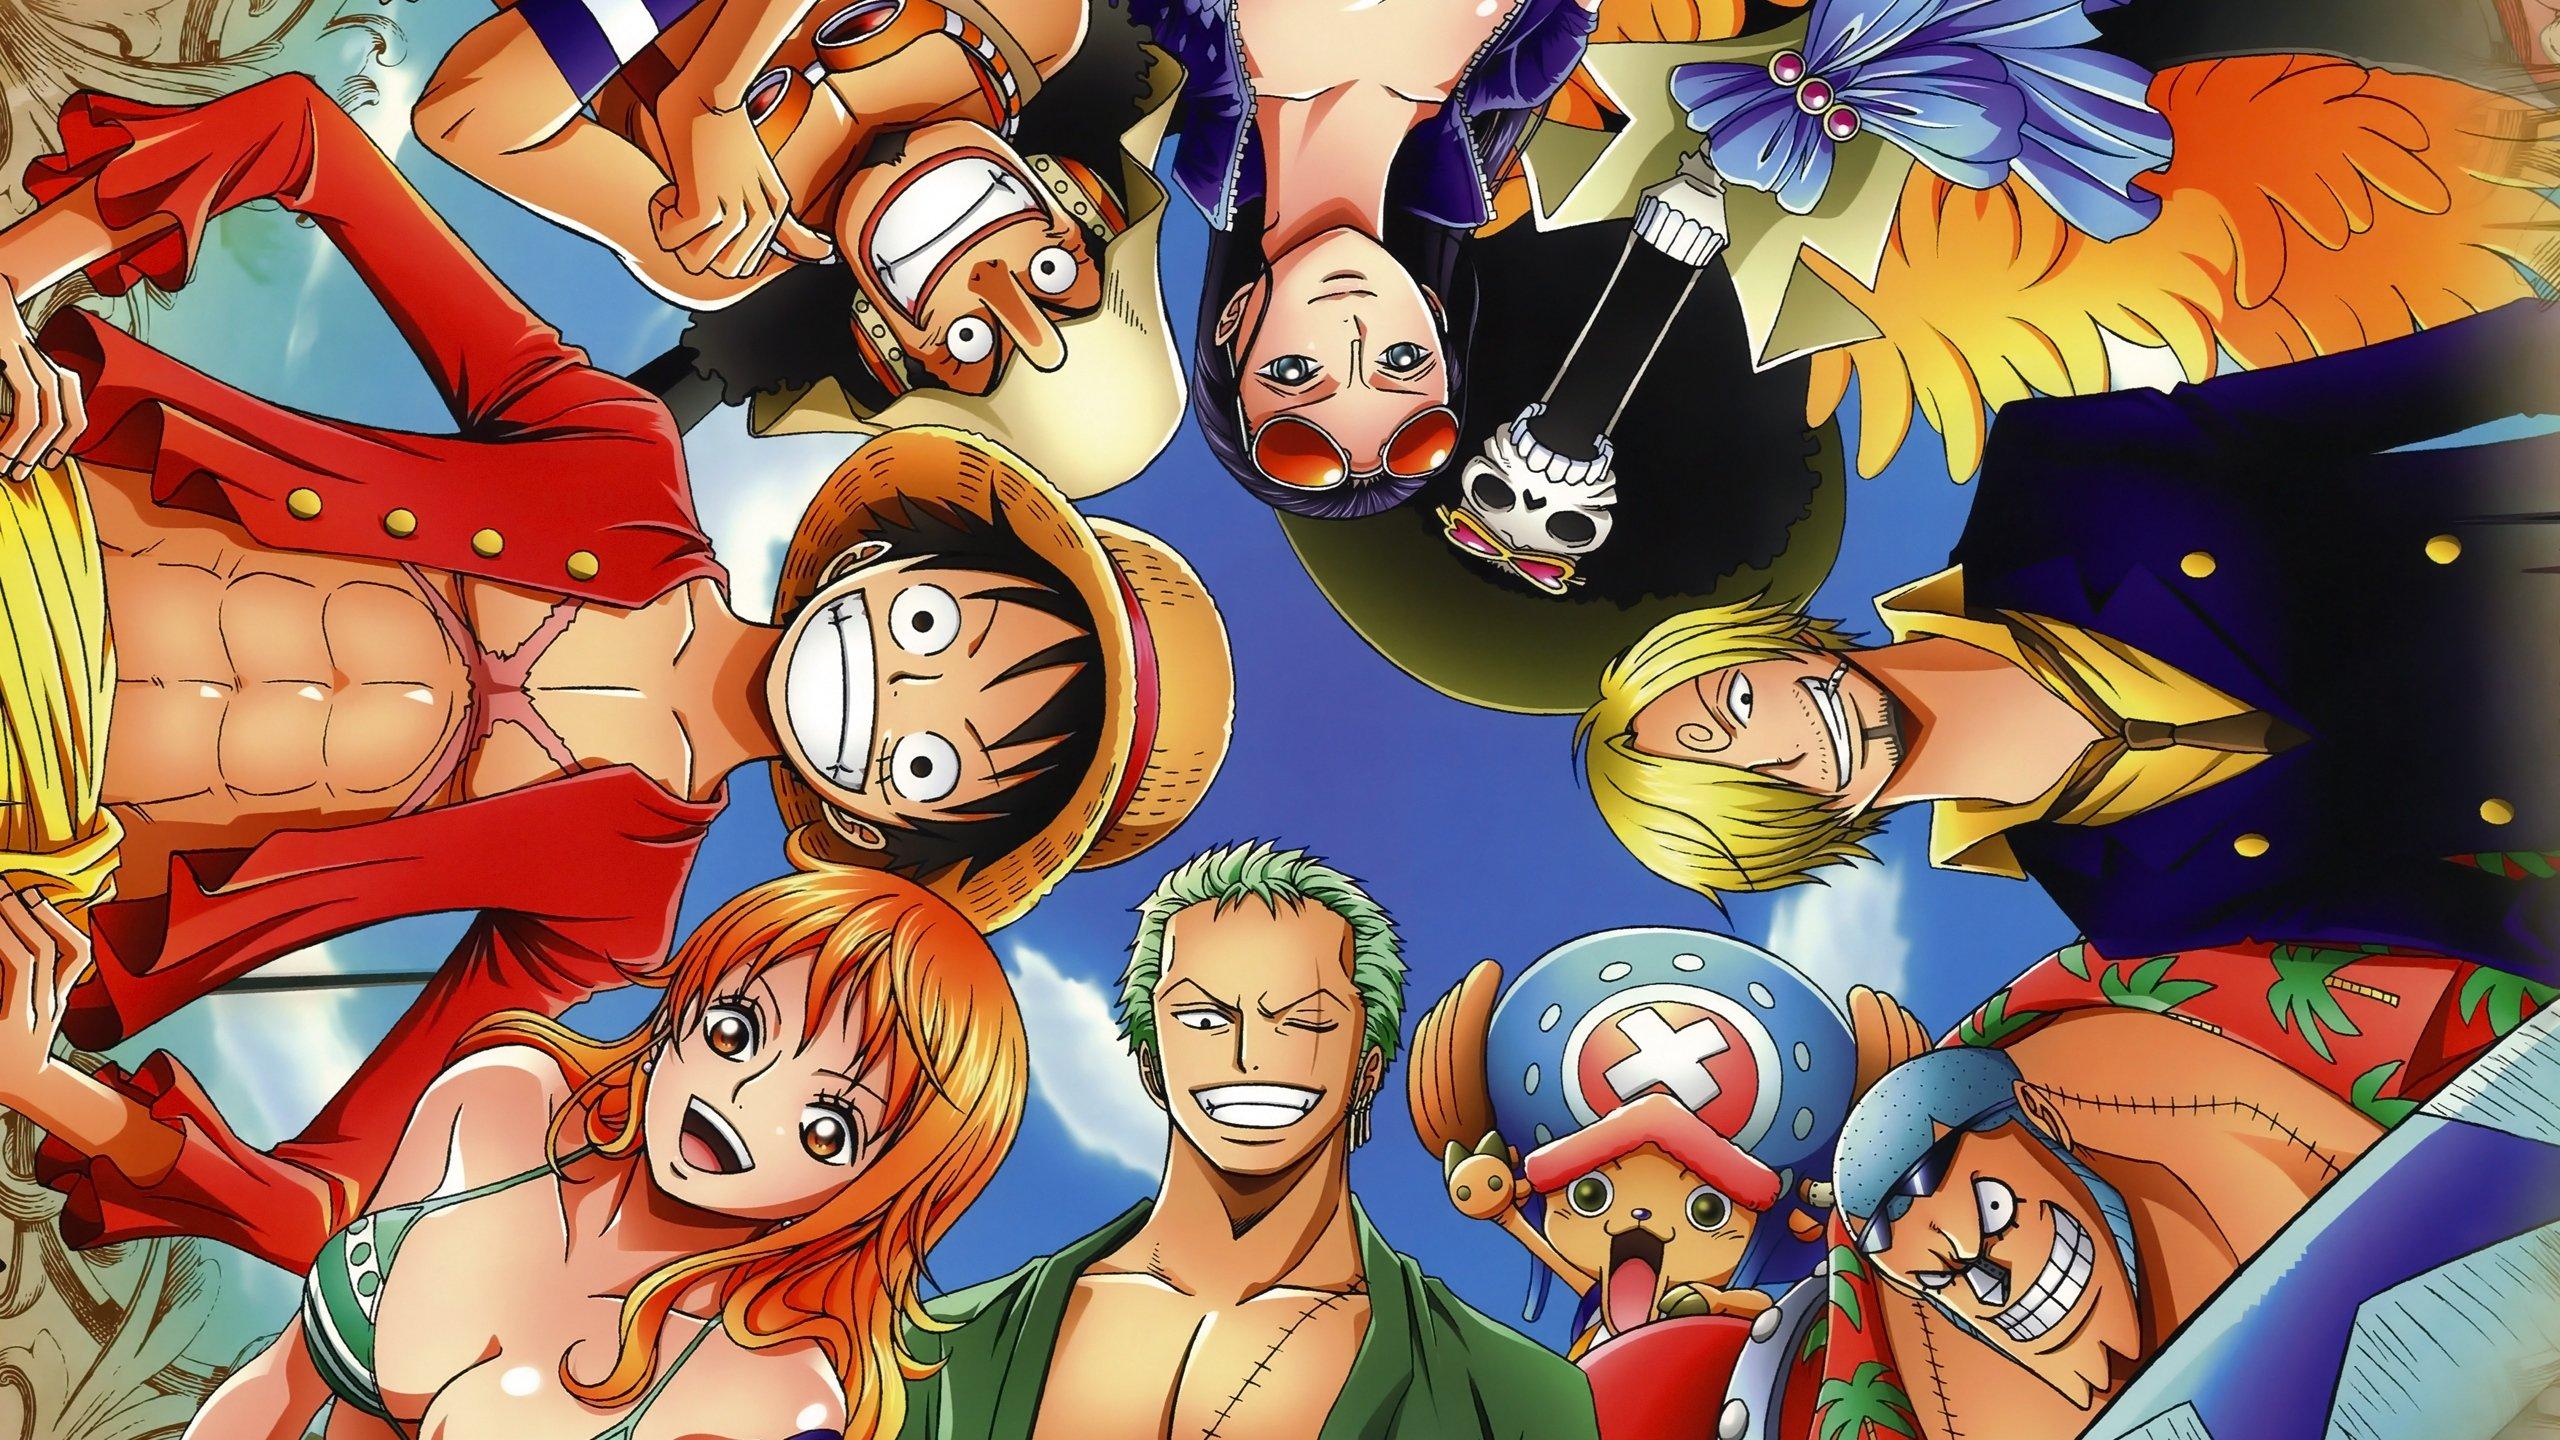 Il finale di One Piece: quanto manca alla fine del manga?